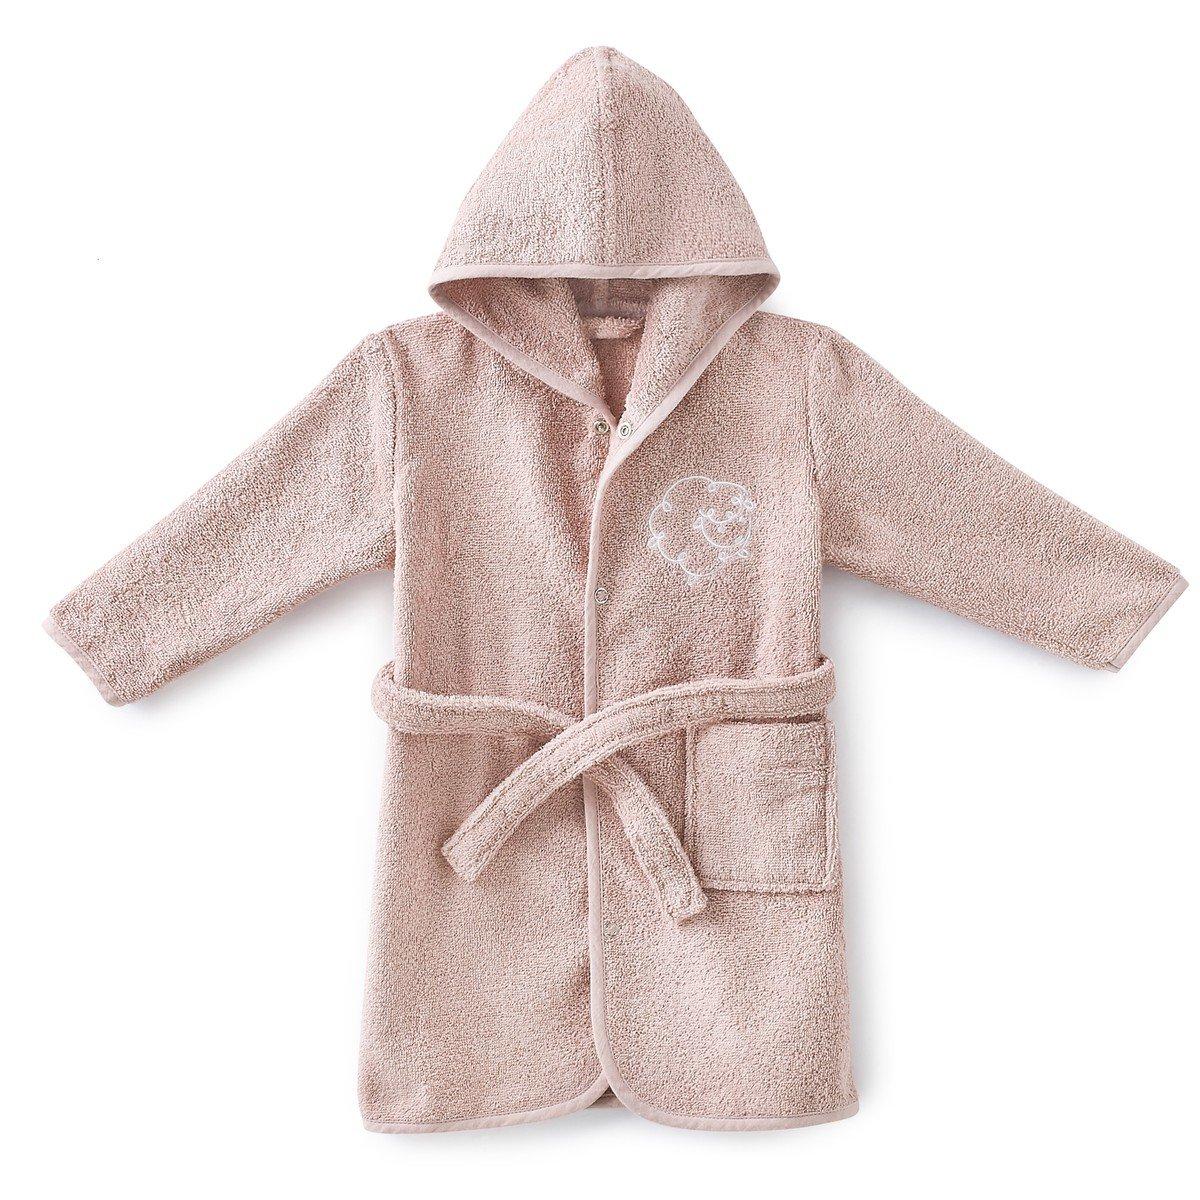 Халат La Redoute Детский махровый LITTLE SHEEP 4 года - 102 см розовый